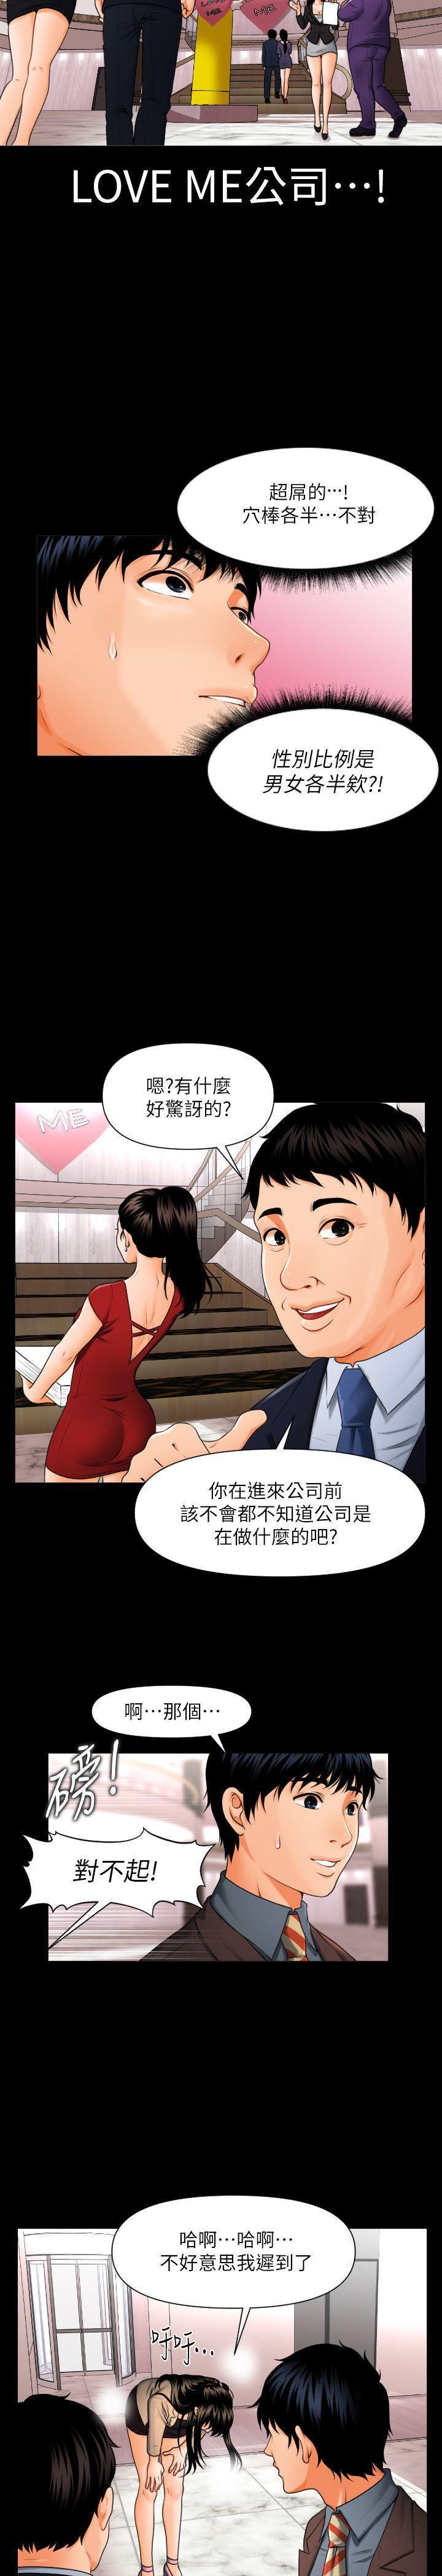 无删减韩漫秘书的潜规则下载